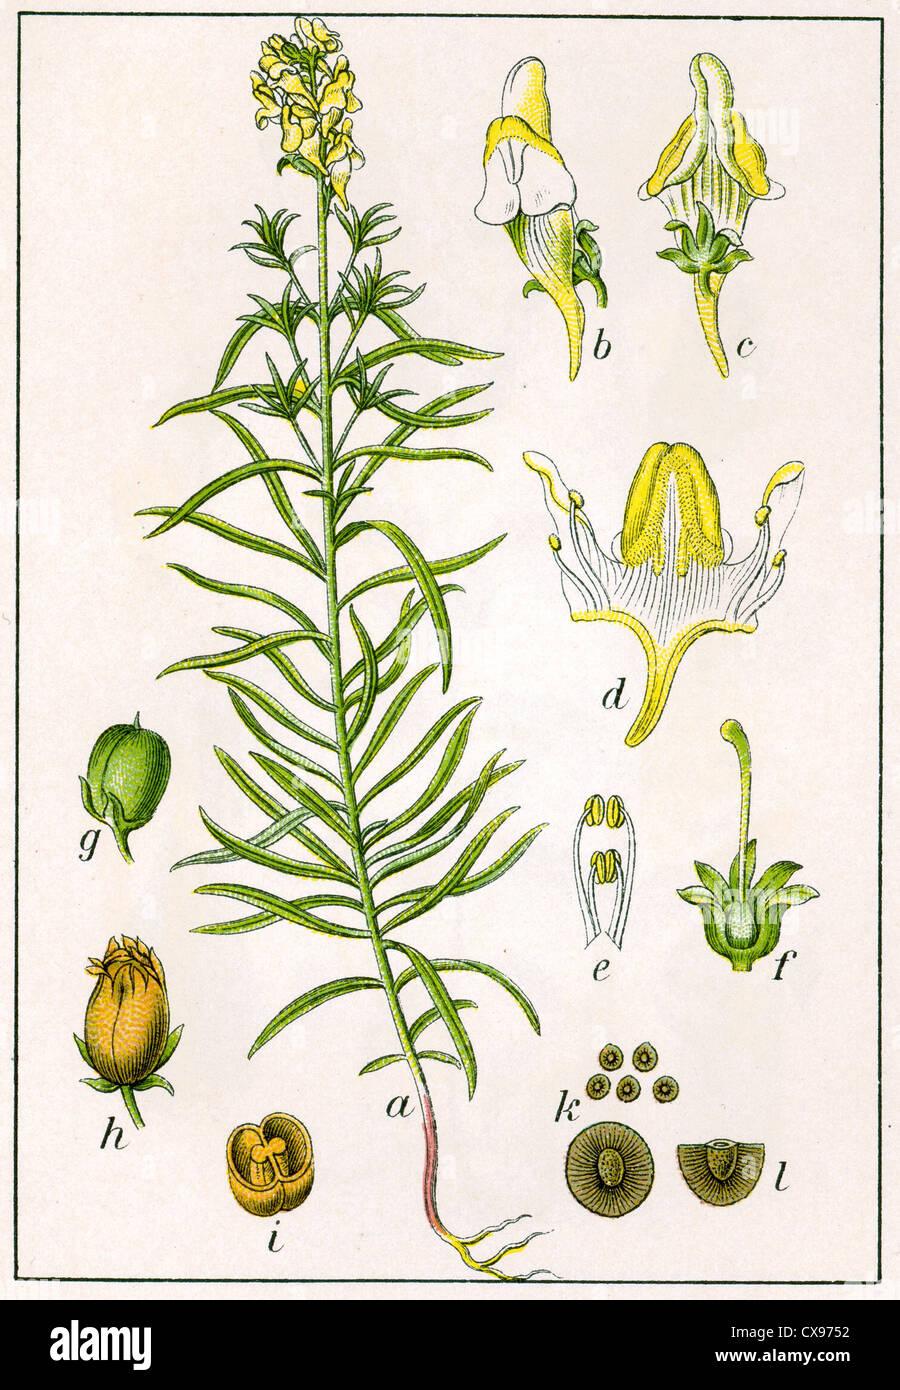 Antirrhinum linaria - Stock Image